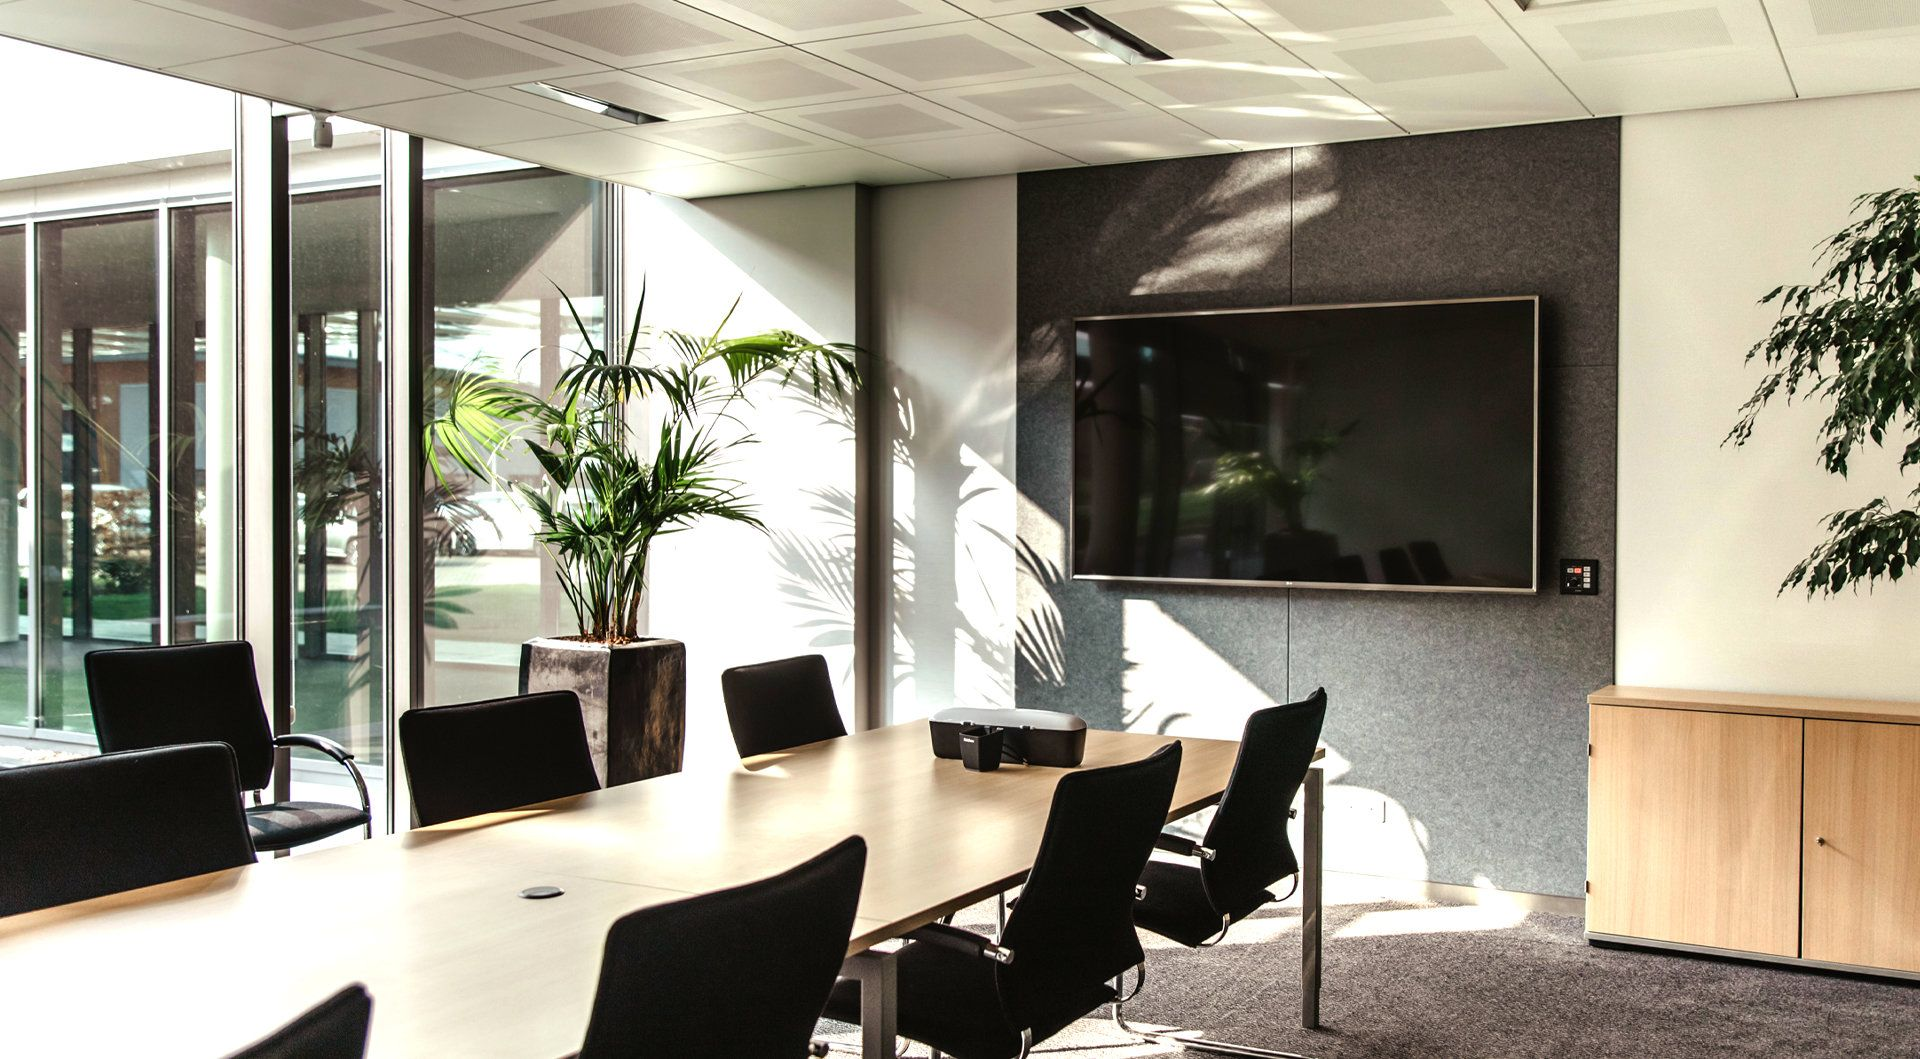 """Projecta HomeScreen 141x216 projectiescherm 2,36 m (93"""") 16:10 - Case studie de vries"""